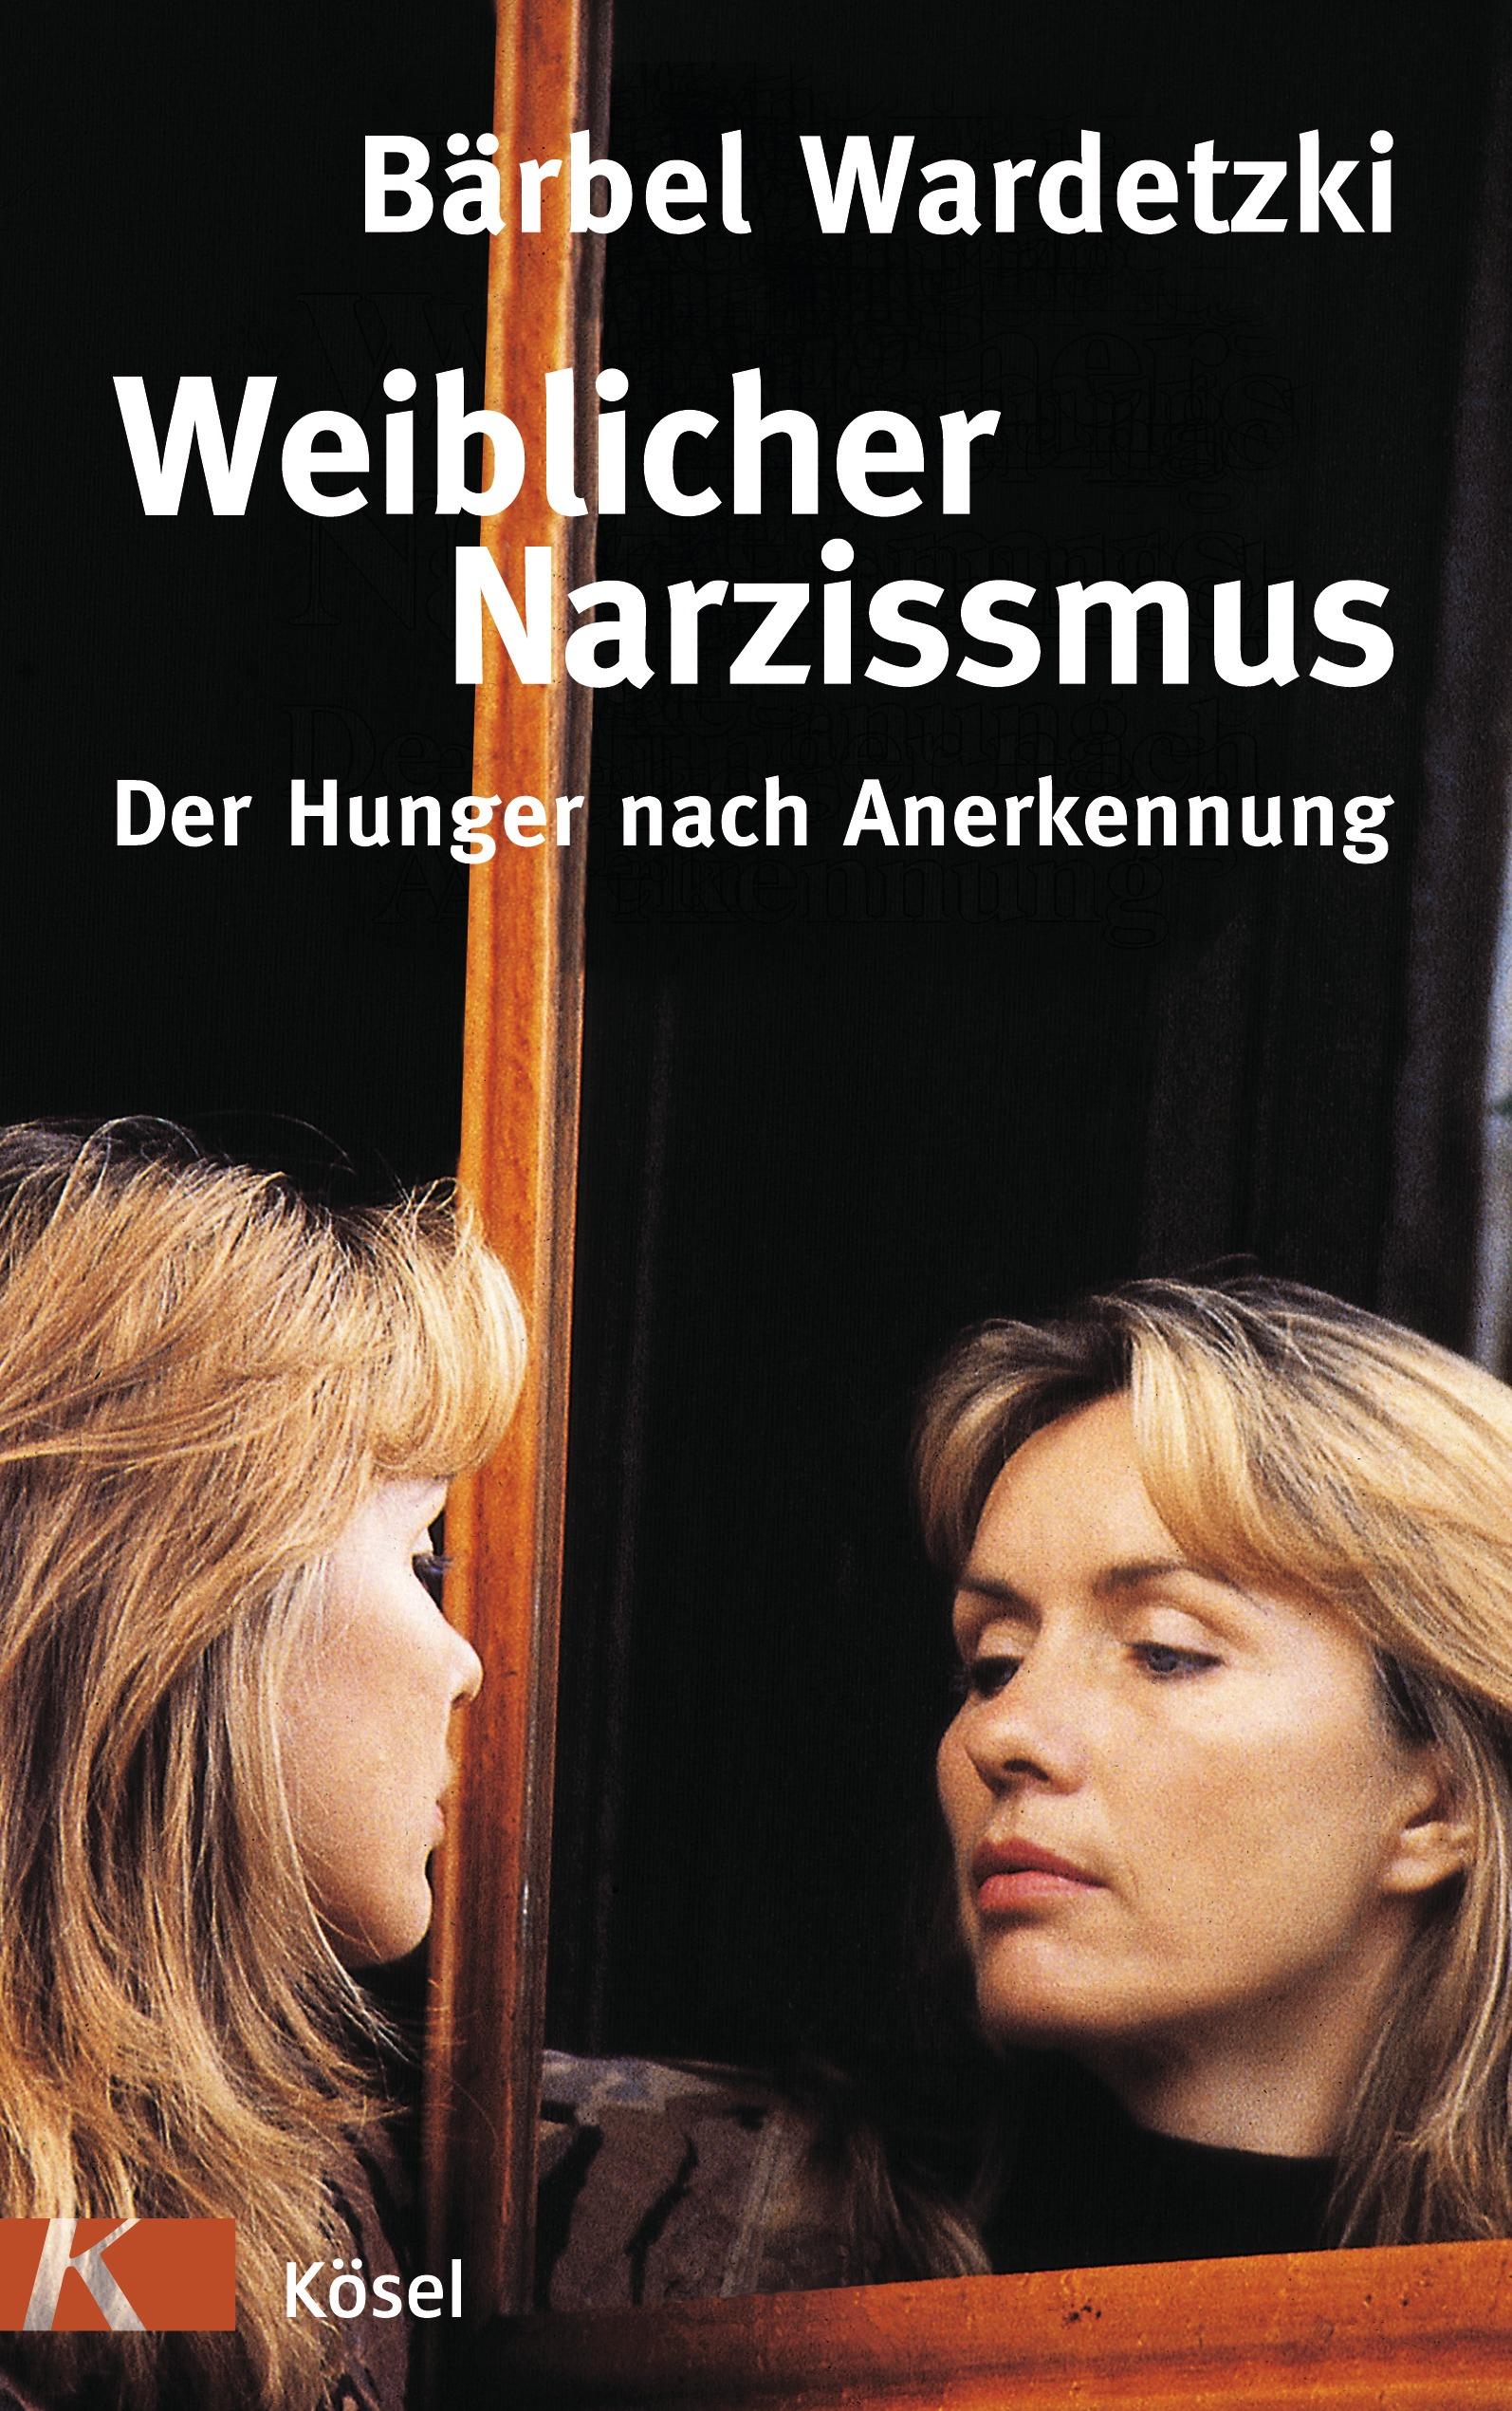 Weiblicher Narzissmus - Der Hunger nach Annerkennung - Bärbel Wardetzki